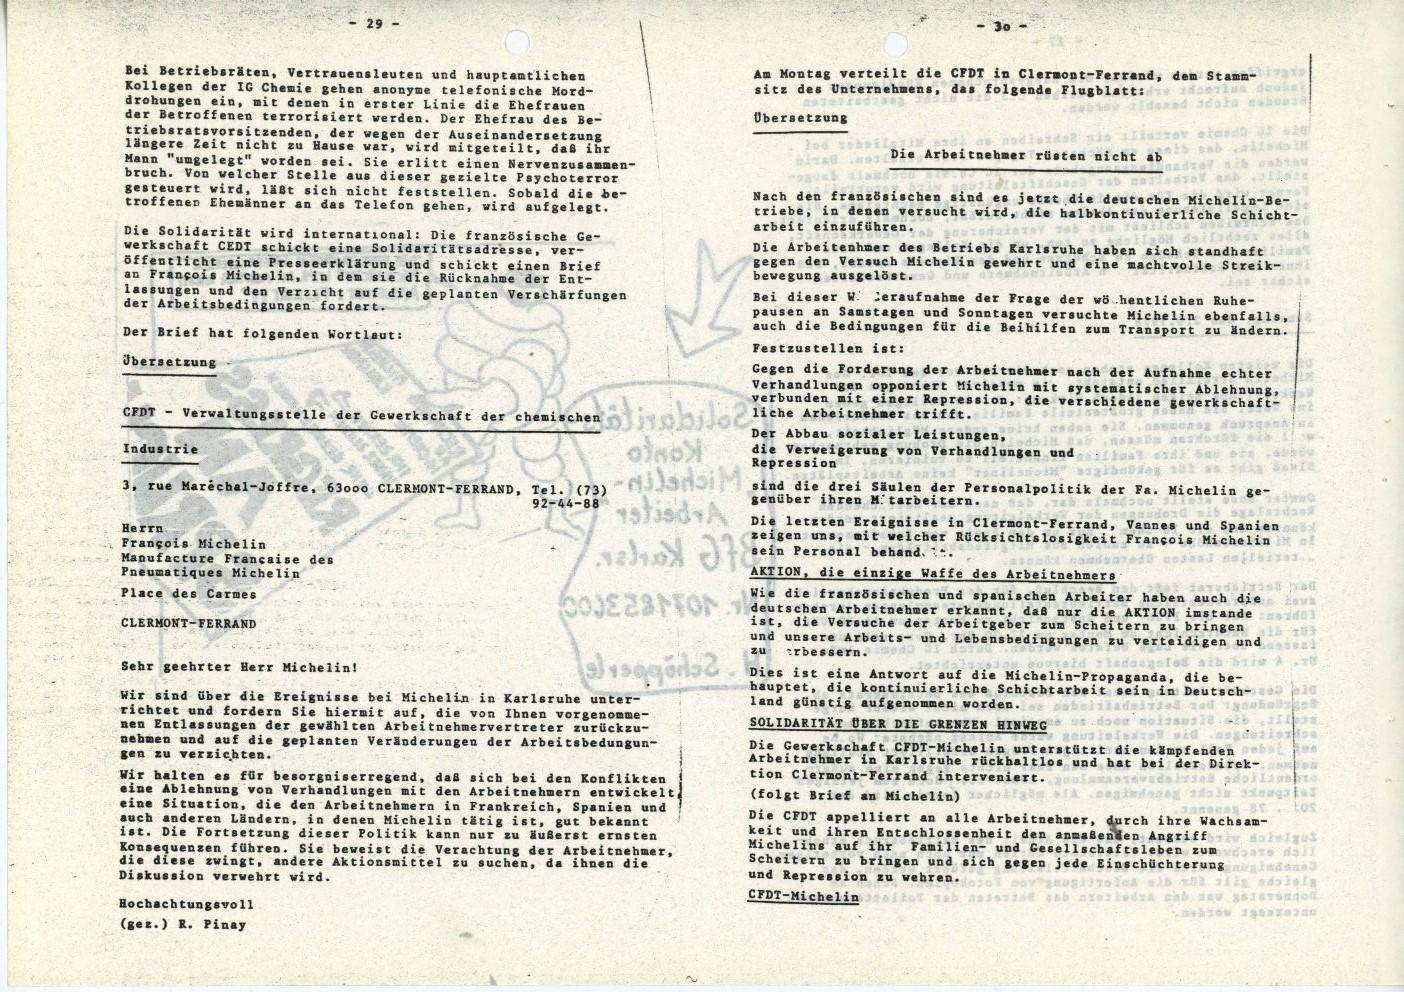 Karlsruhe_Michelin_IGCPK_Doku_zum_Arbeitskonflikt_1978_15